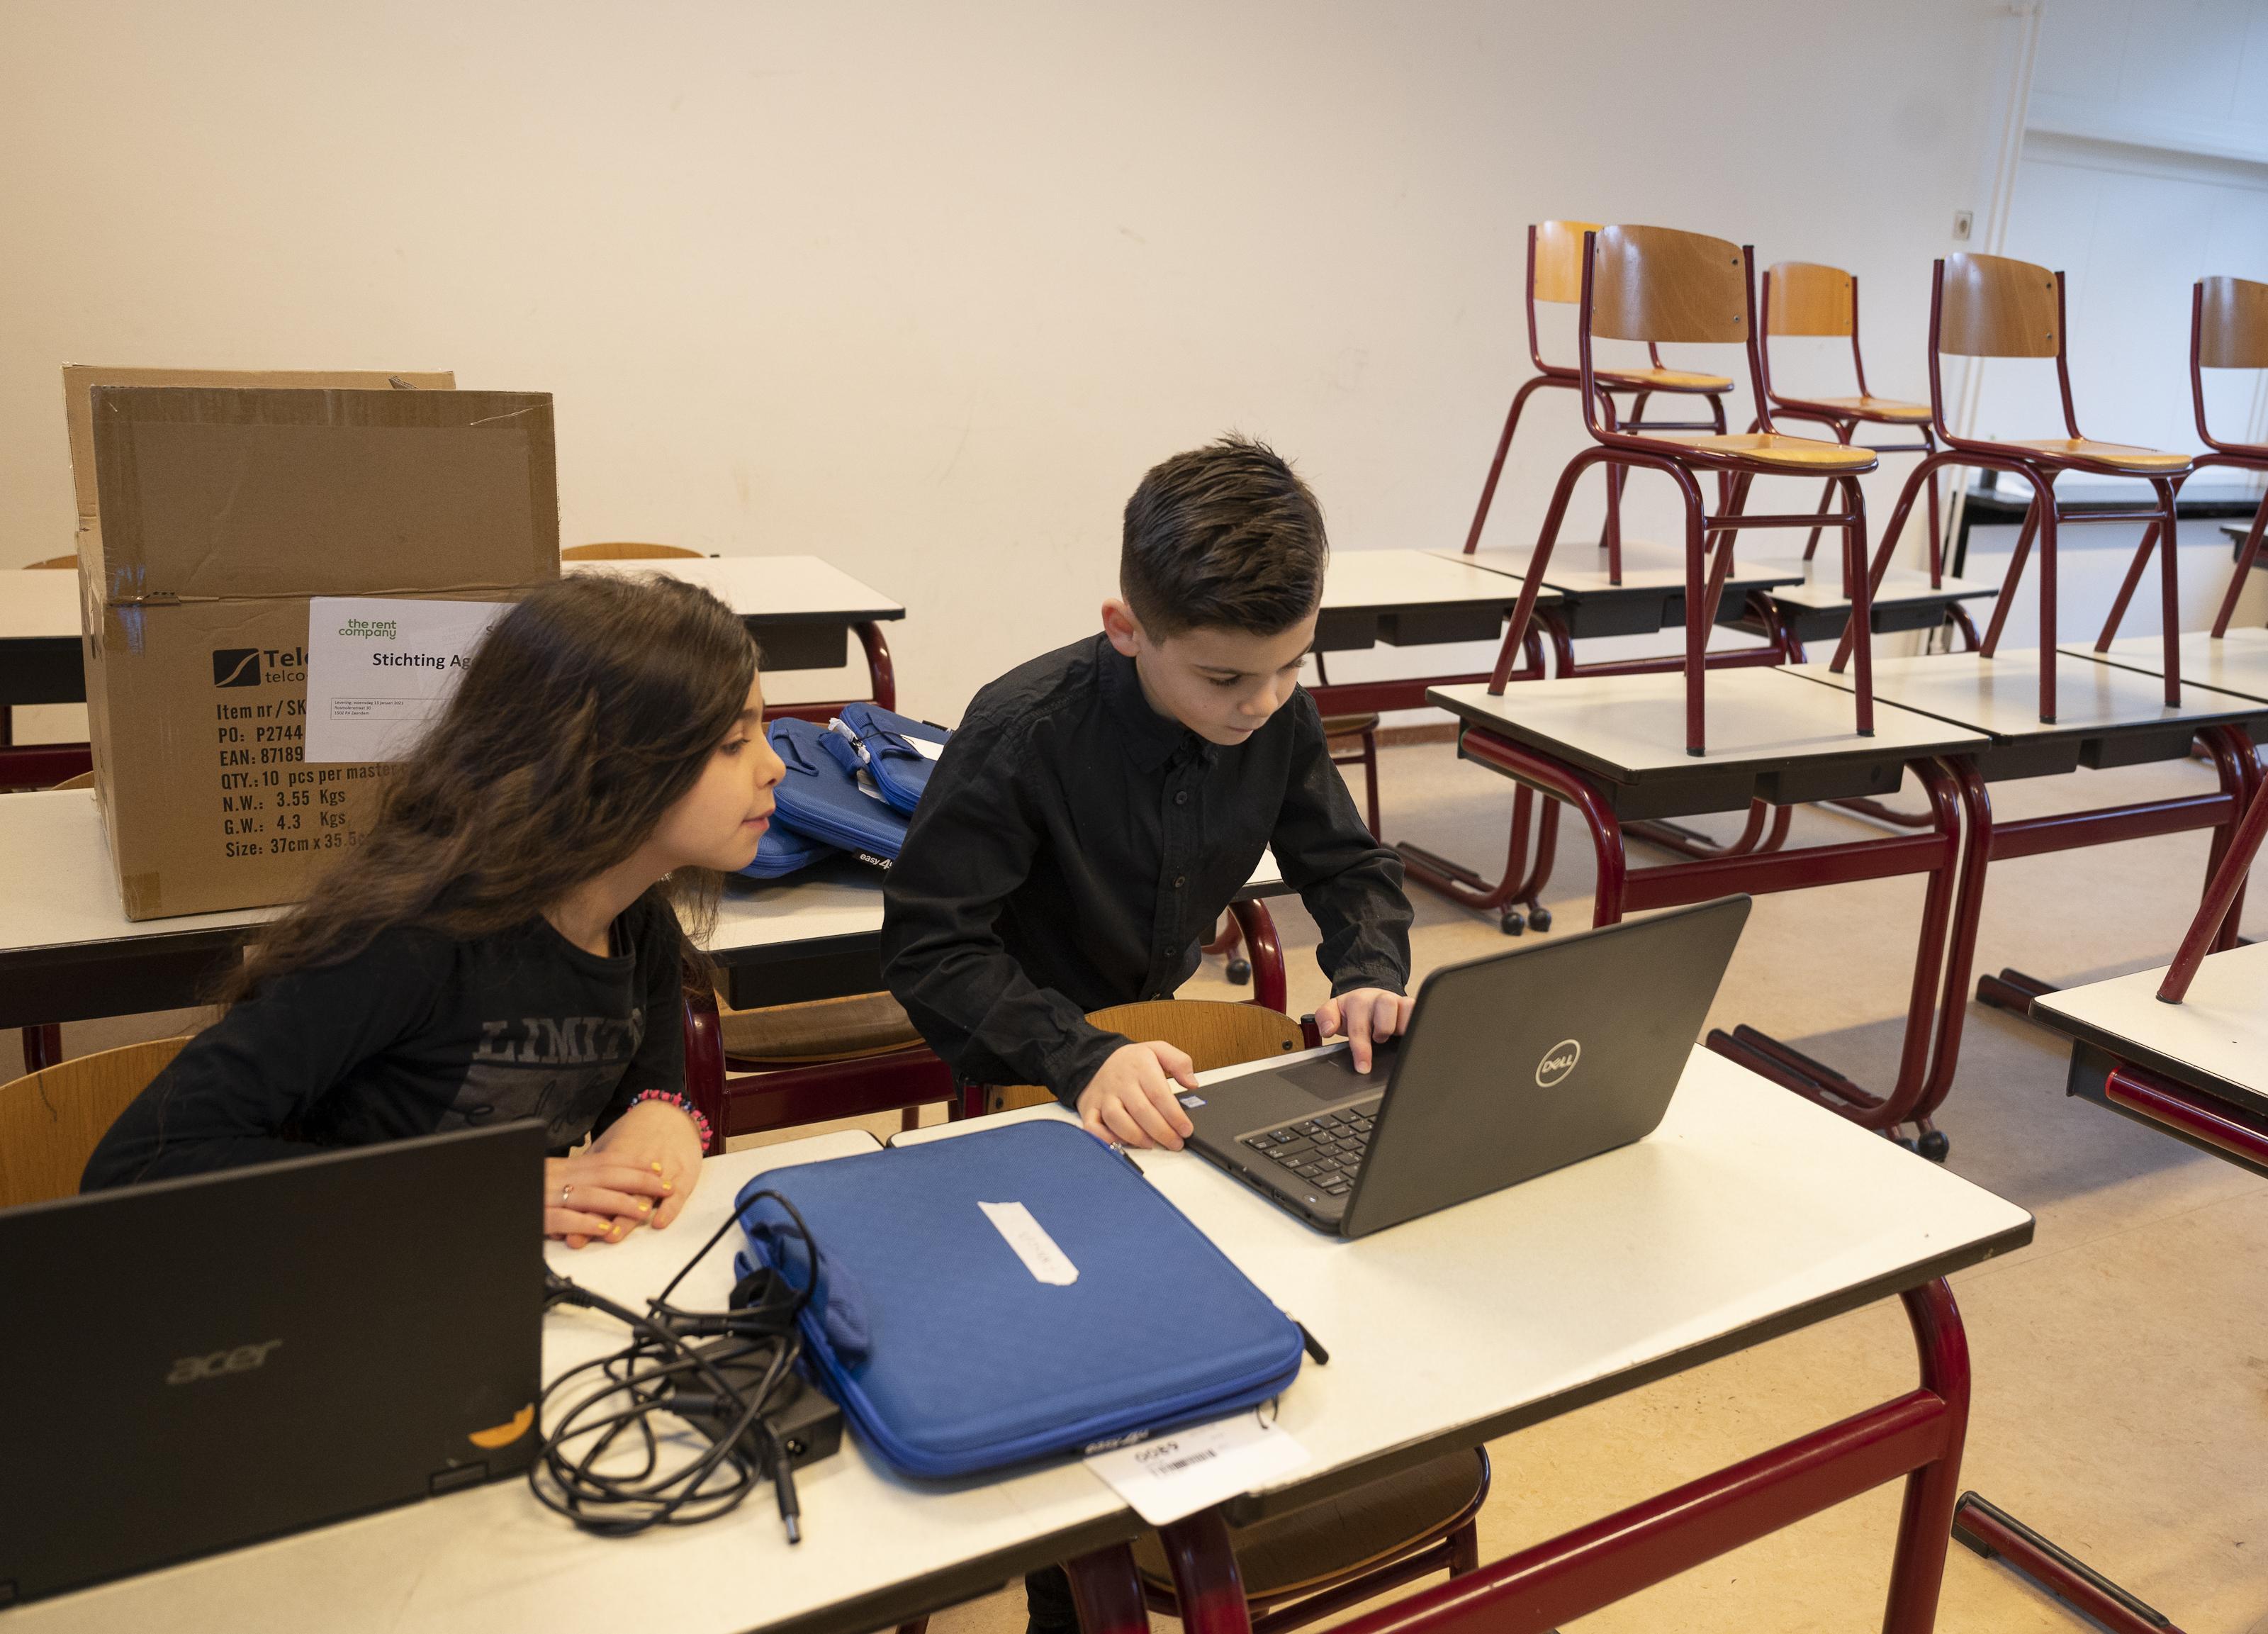 Groot tekort aan laptops thuisonderwijs, Can (7) had geluk, hij kreeg er al een waardoor hij niet meer op de laptop van zijn zusje hoeft